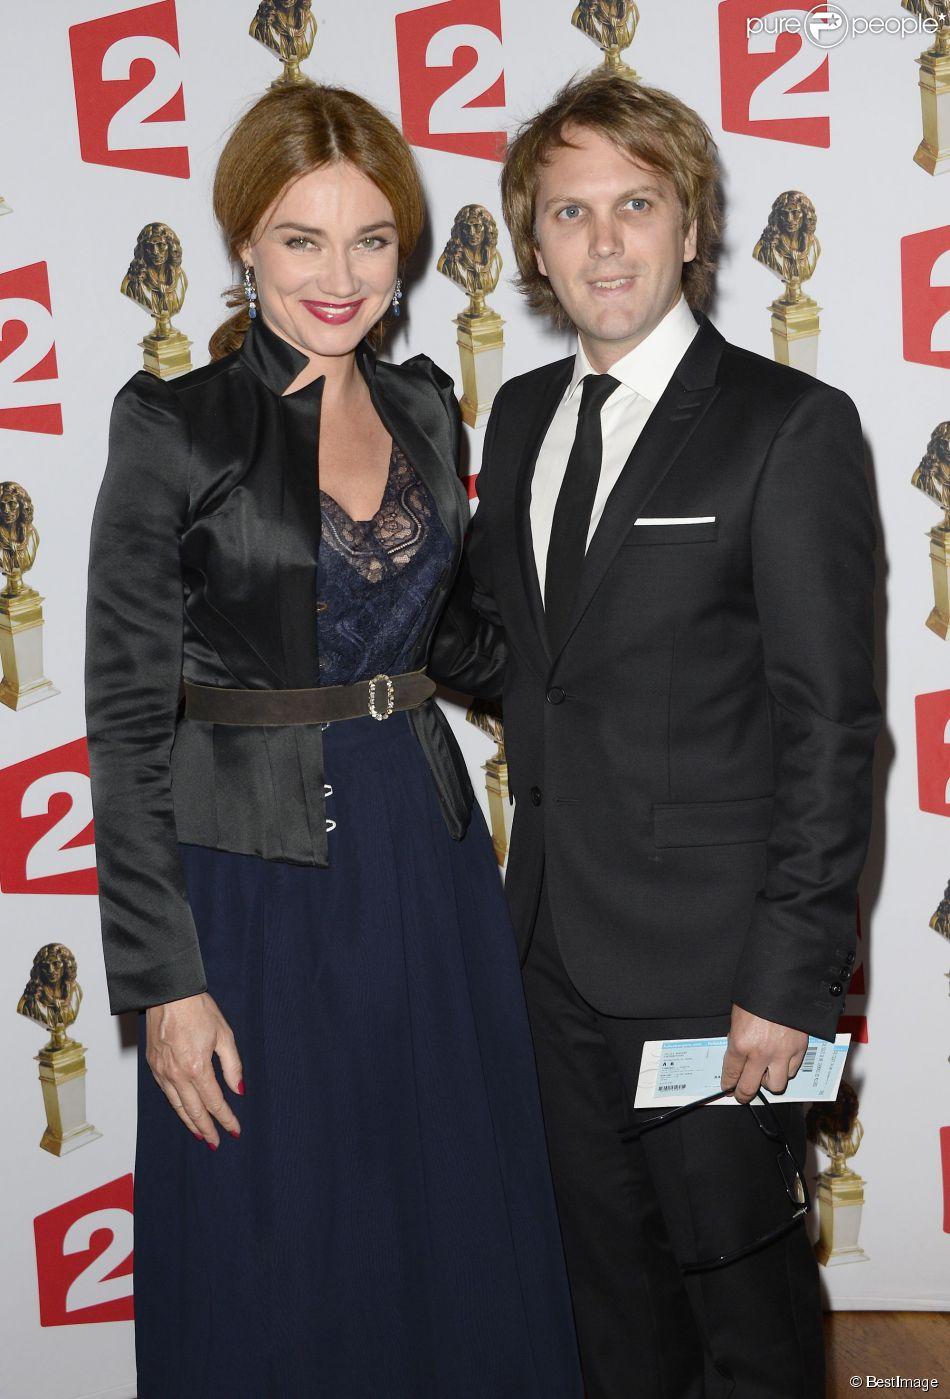 Marine Delterme et son mari Florian Zeller (prix du meilleur spectacle du théâtre privé) - La 26e nuit des Molières aux Folies Bergère à Paris, le 2 juin 2014.